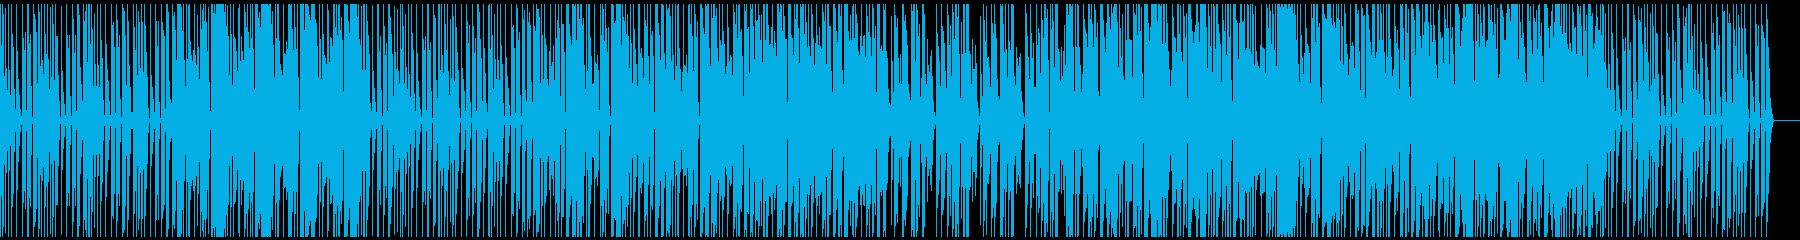 幻想的 チルアウト 電子音 シンセの再生済みの波形